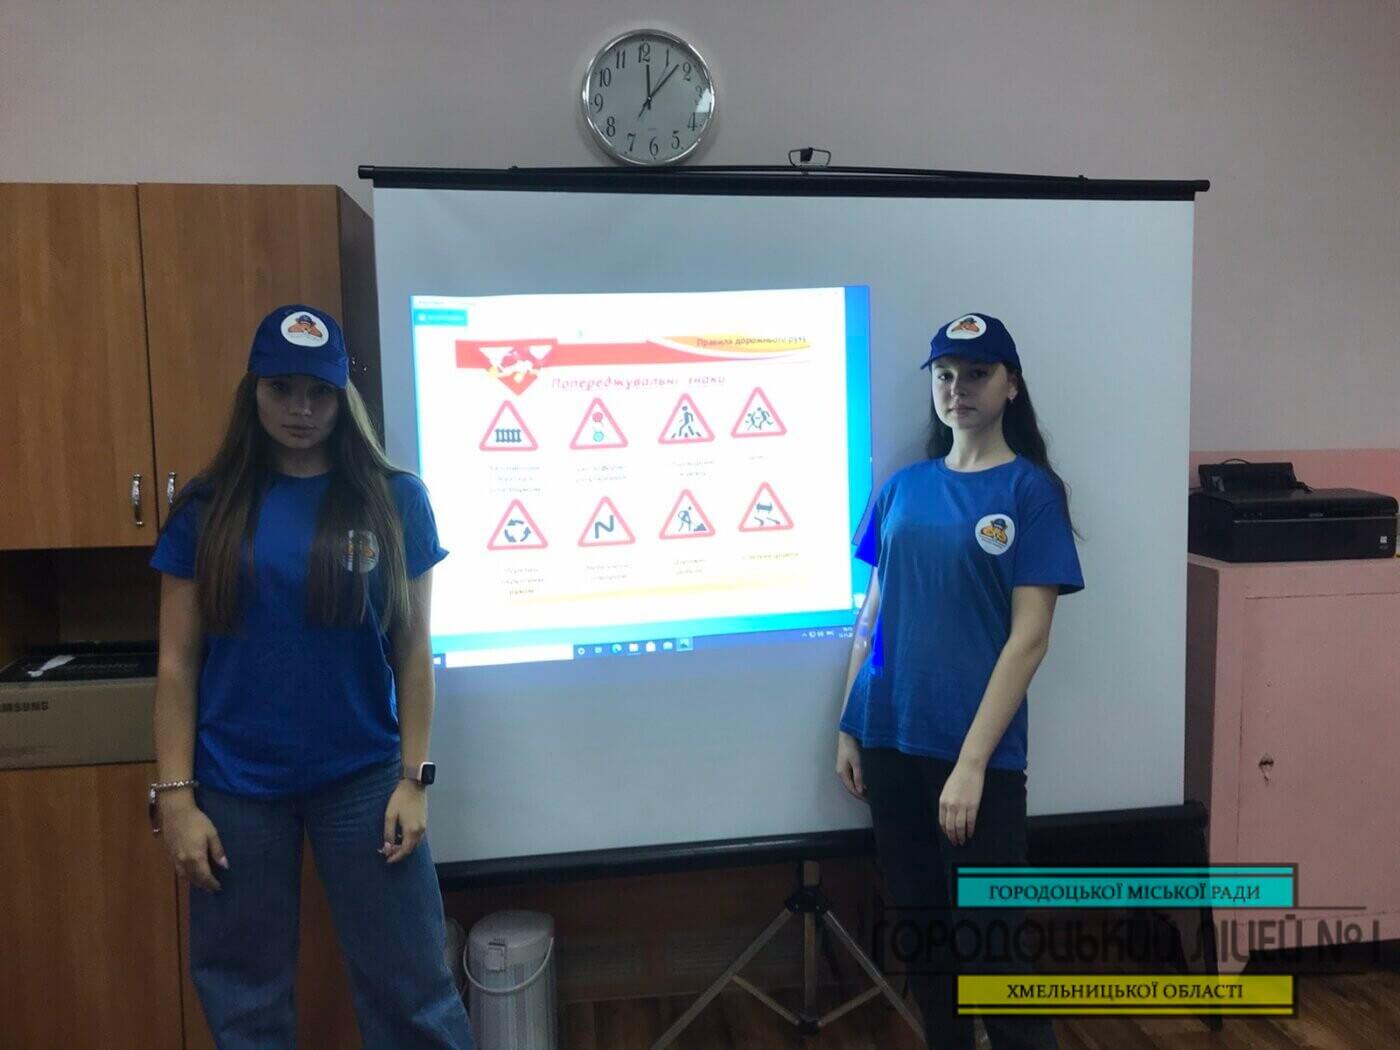 zobrazhennya viber 2020 11 17 12 01 53 1400x1050 - Вивчаємо правила дорожнього руху за допомогою гри